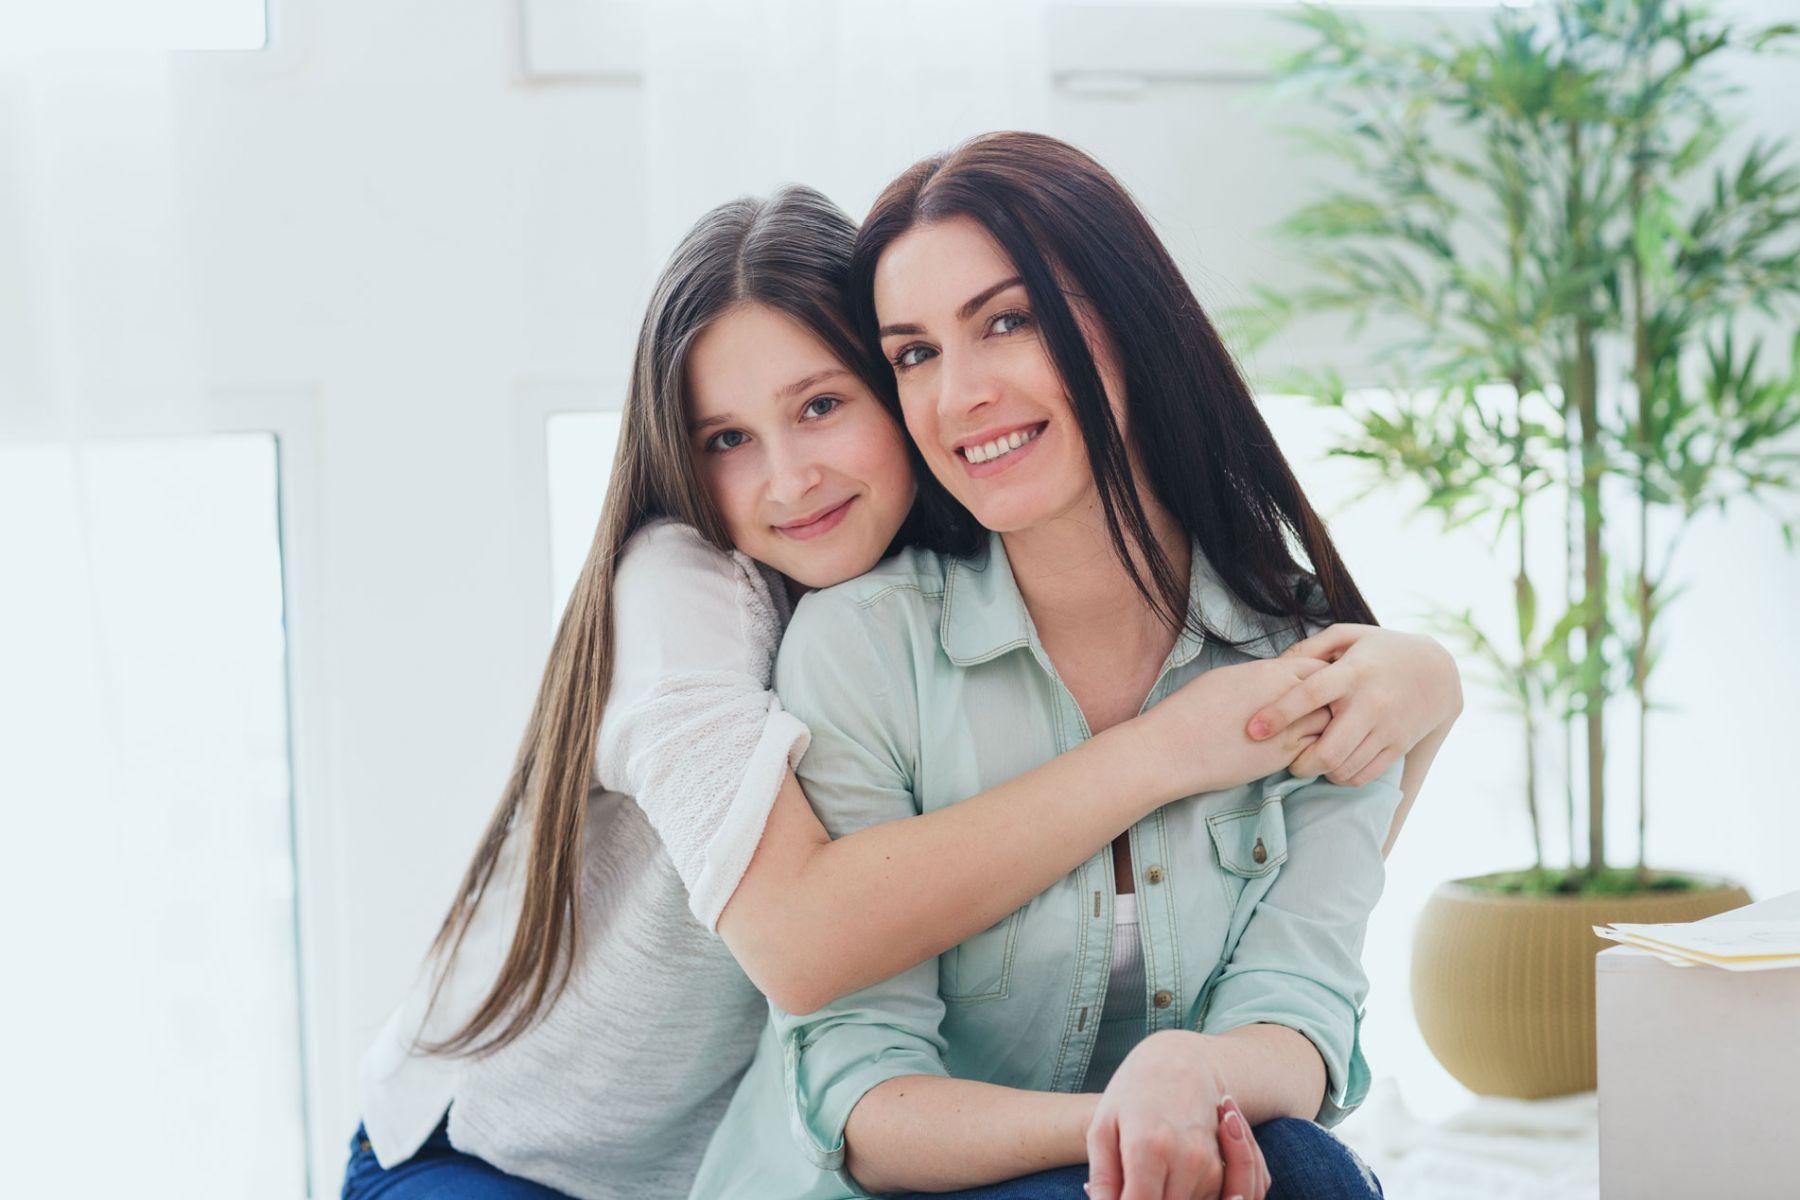 青春兒女的感情 誰來做主?